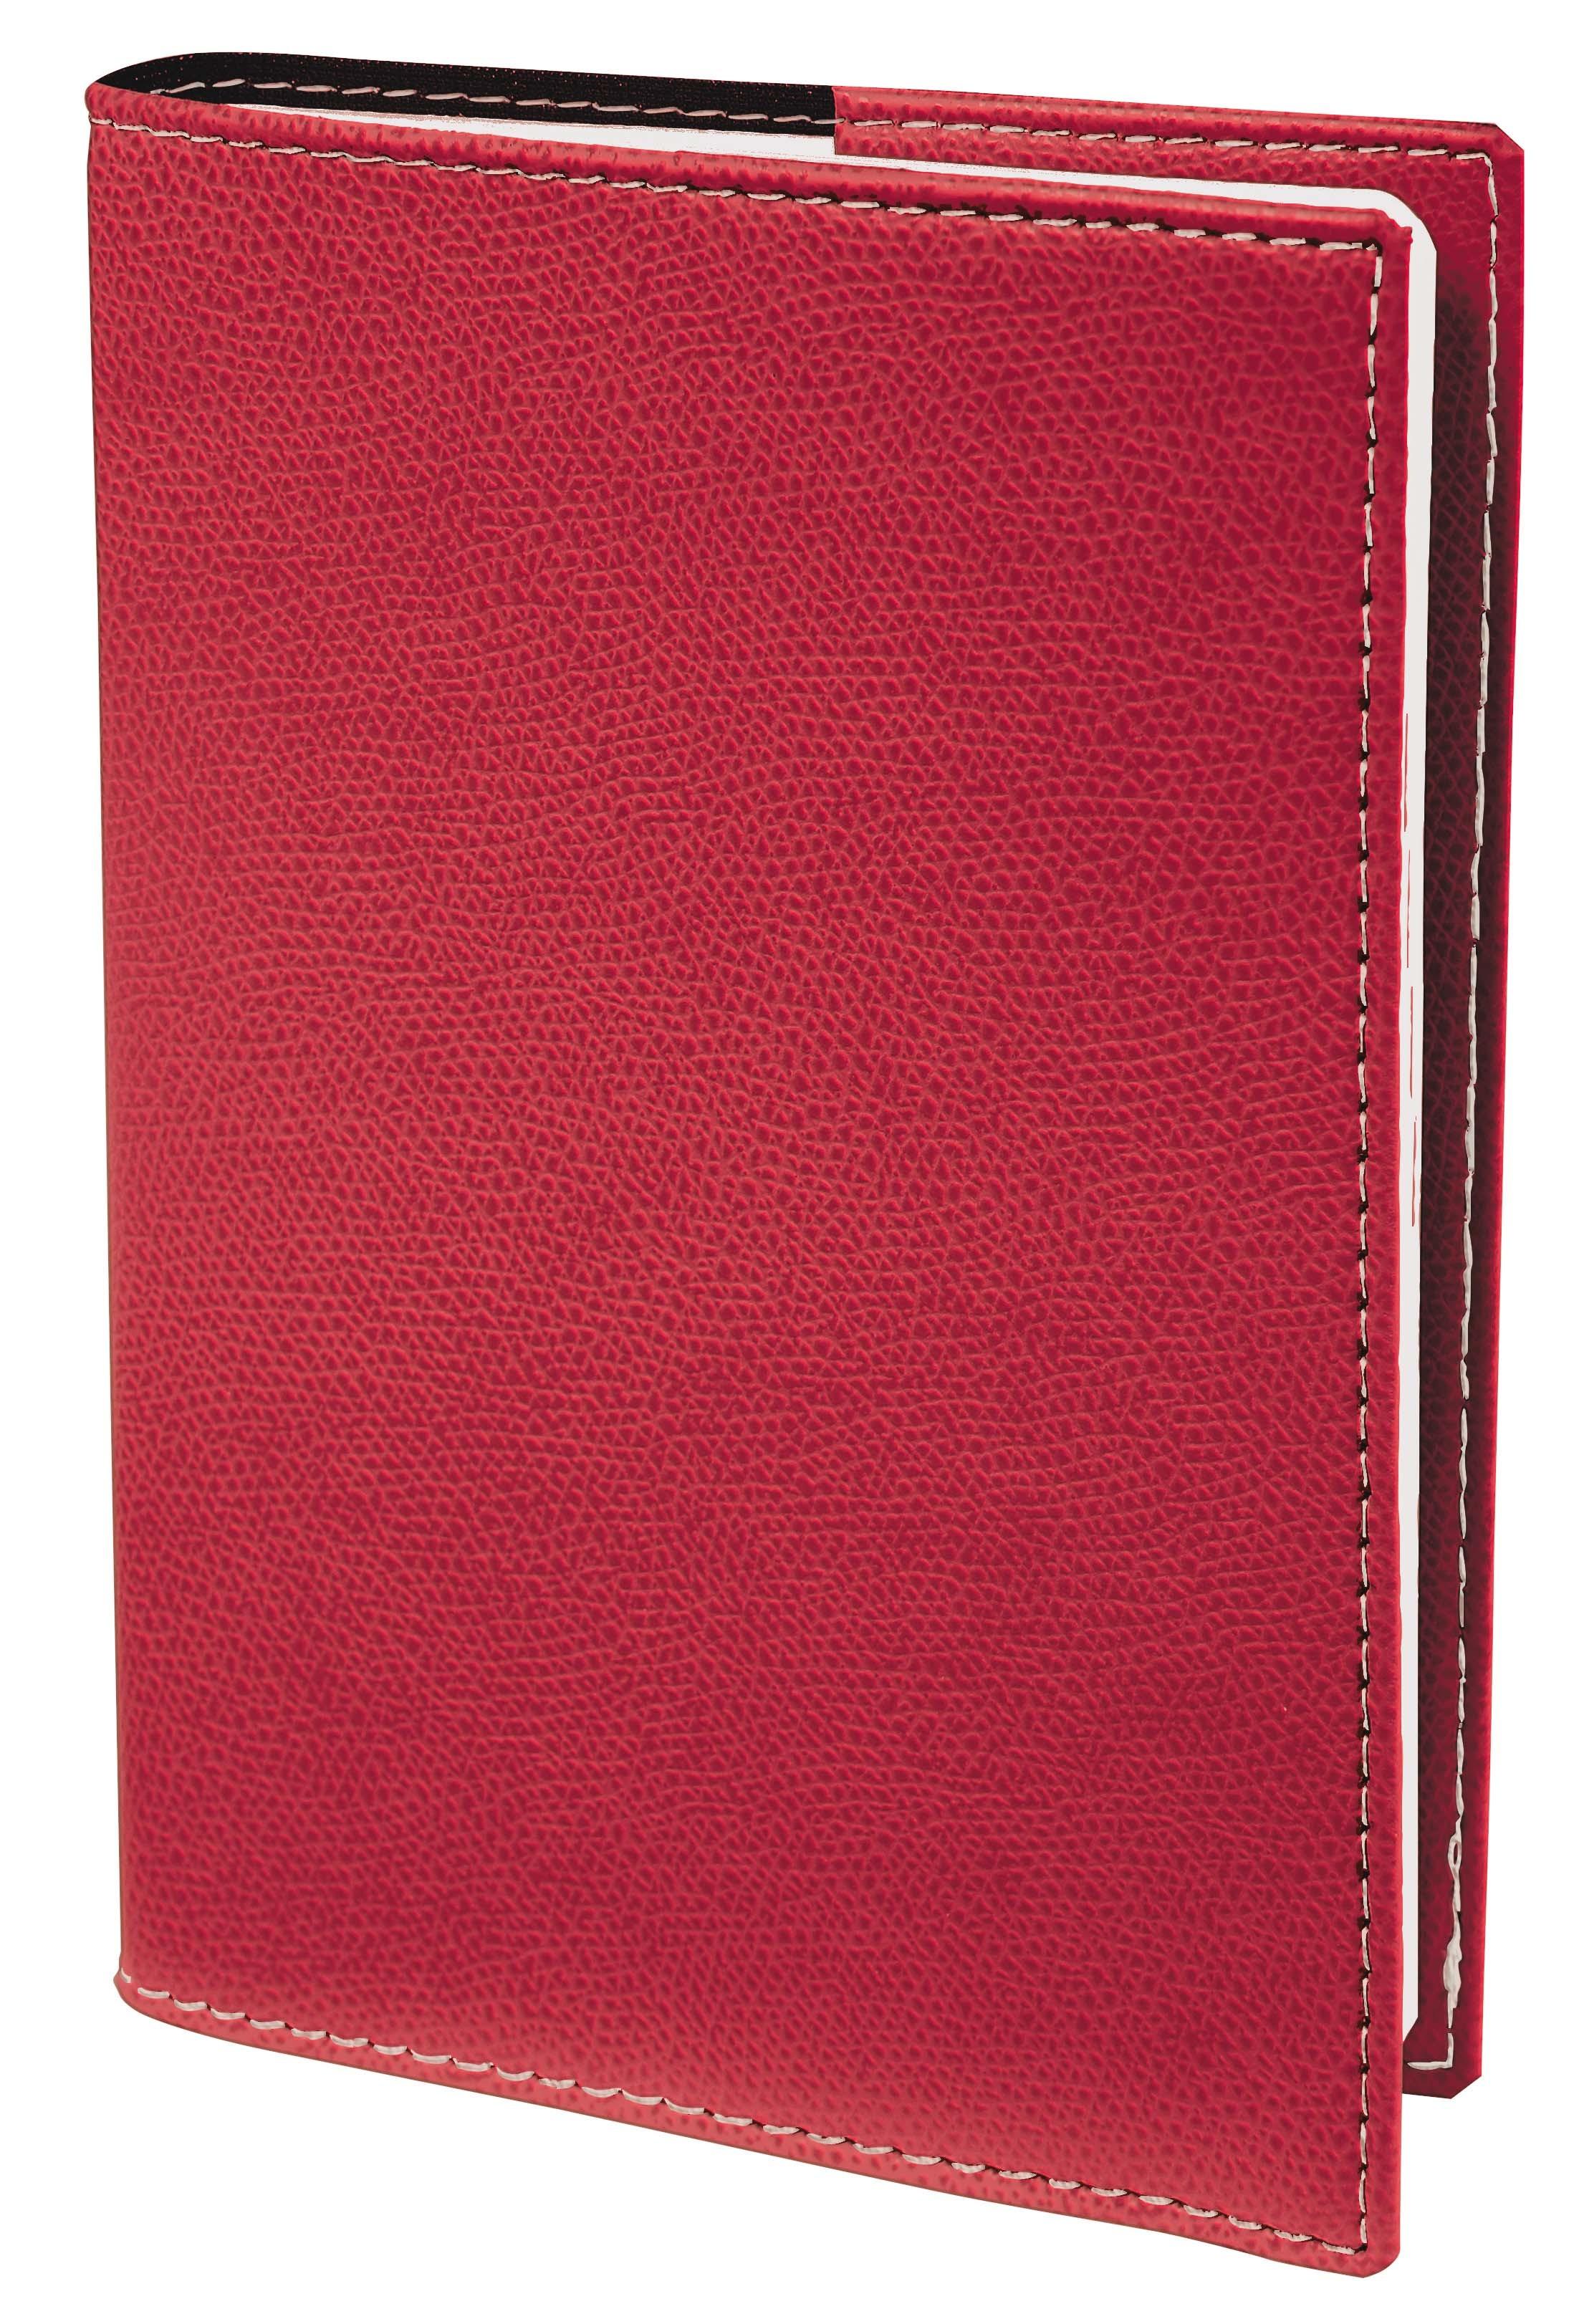 Agenda Club Planning SD avec répertoire - 1 semaine sur 2 pages - 18 x 24 cm - rouge - Quo Vadis